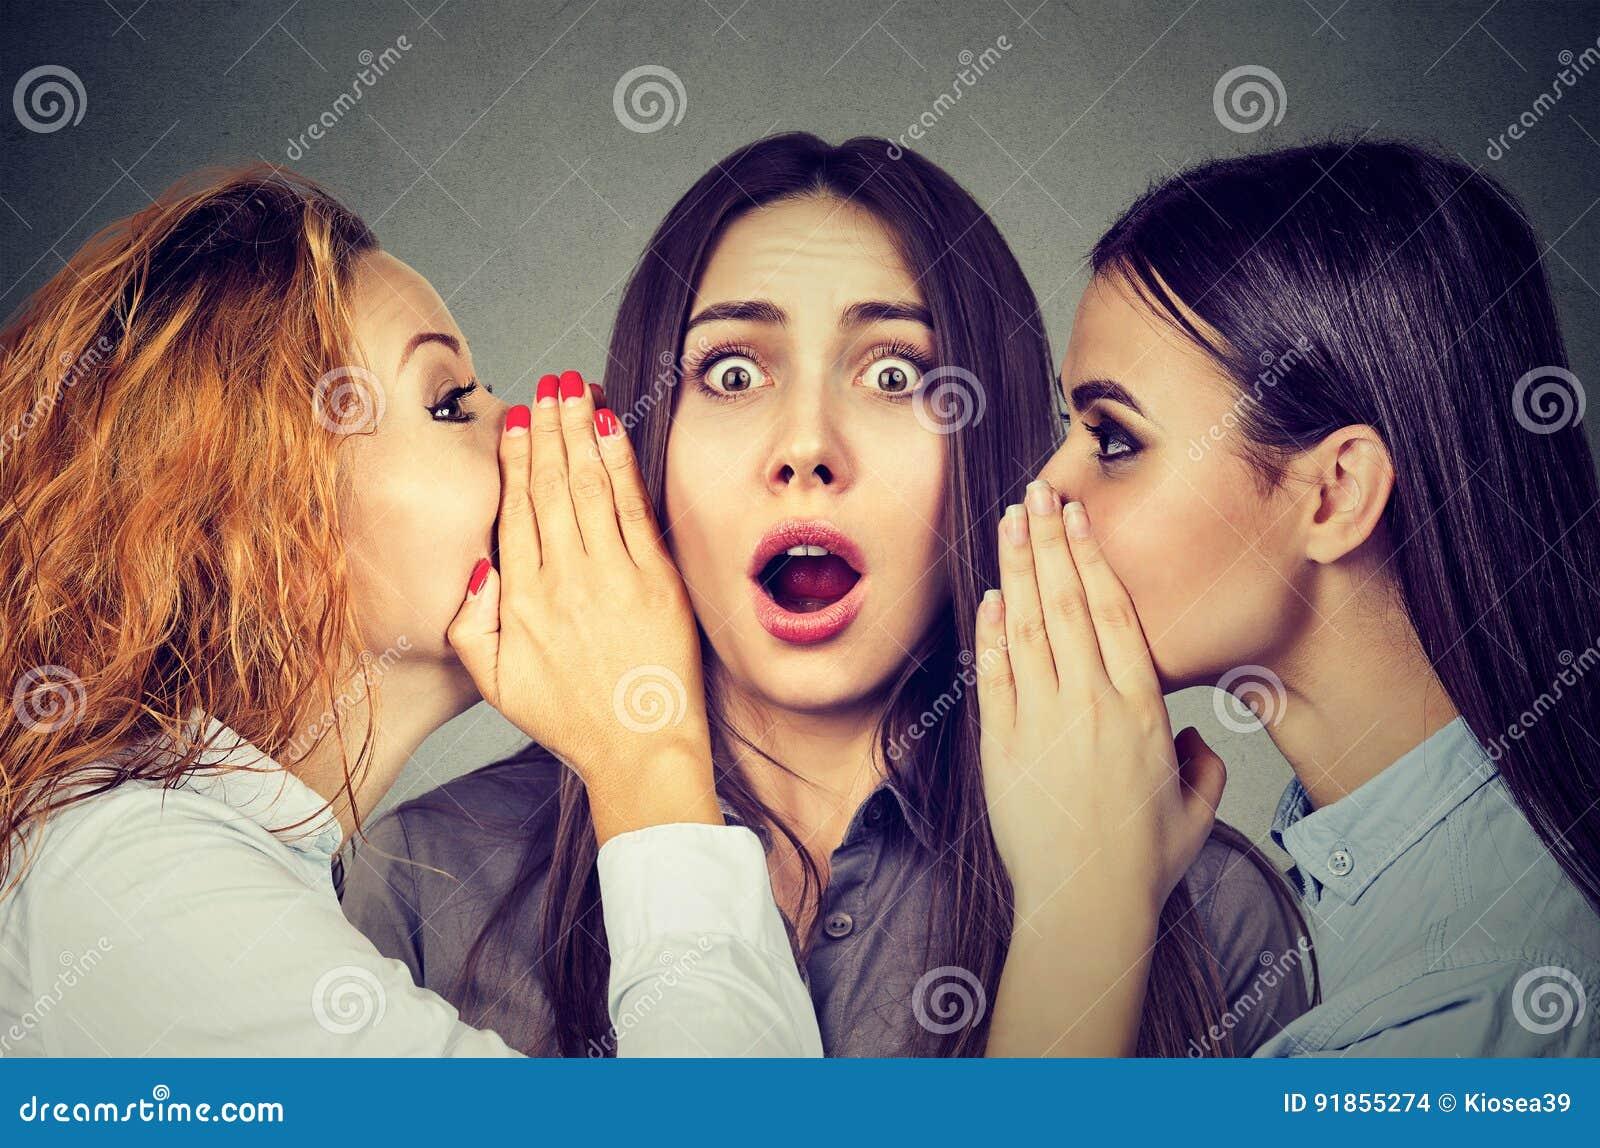 Αφήγηση τριών νέα γυναικών που ψιθυρίζει ένα μυστικό κουτσομπολιό μεταξύ τους στο αυτί